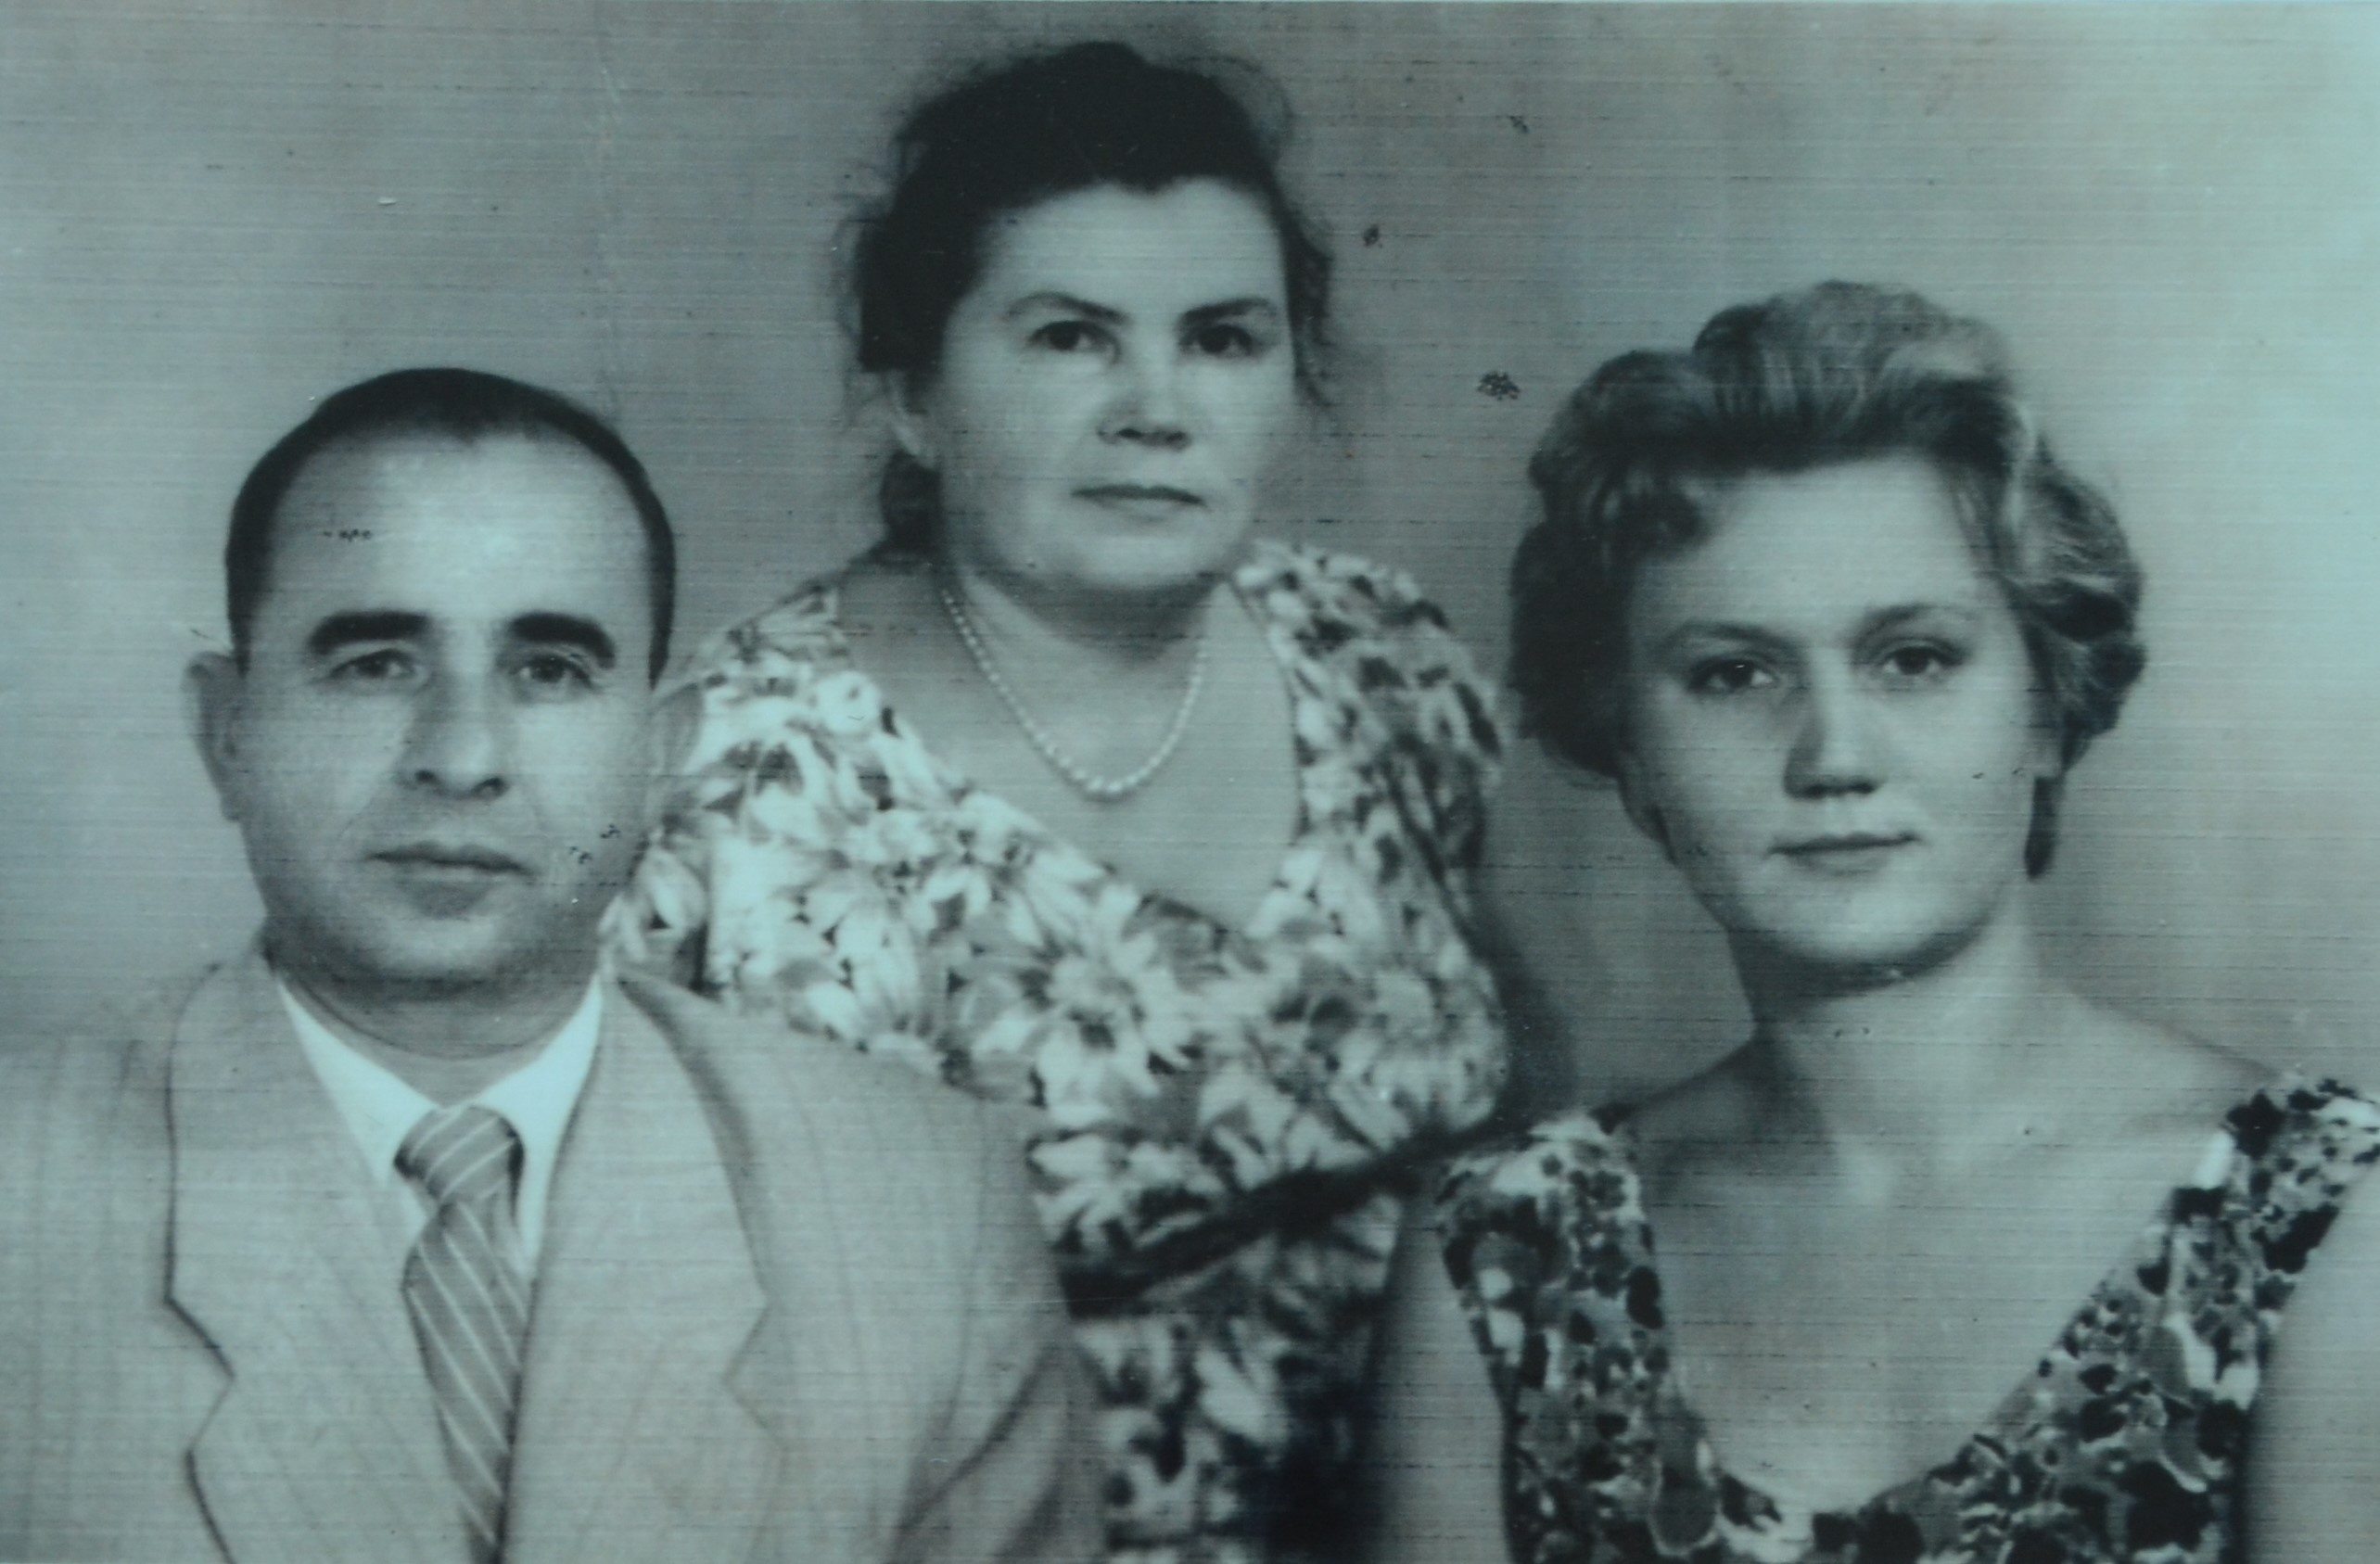 Фото из личного архива Анны Михайловны